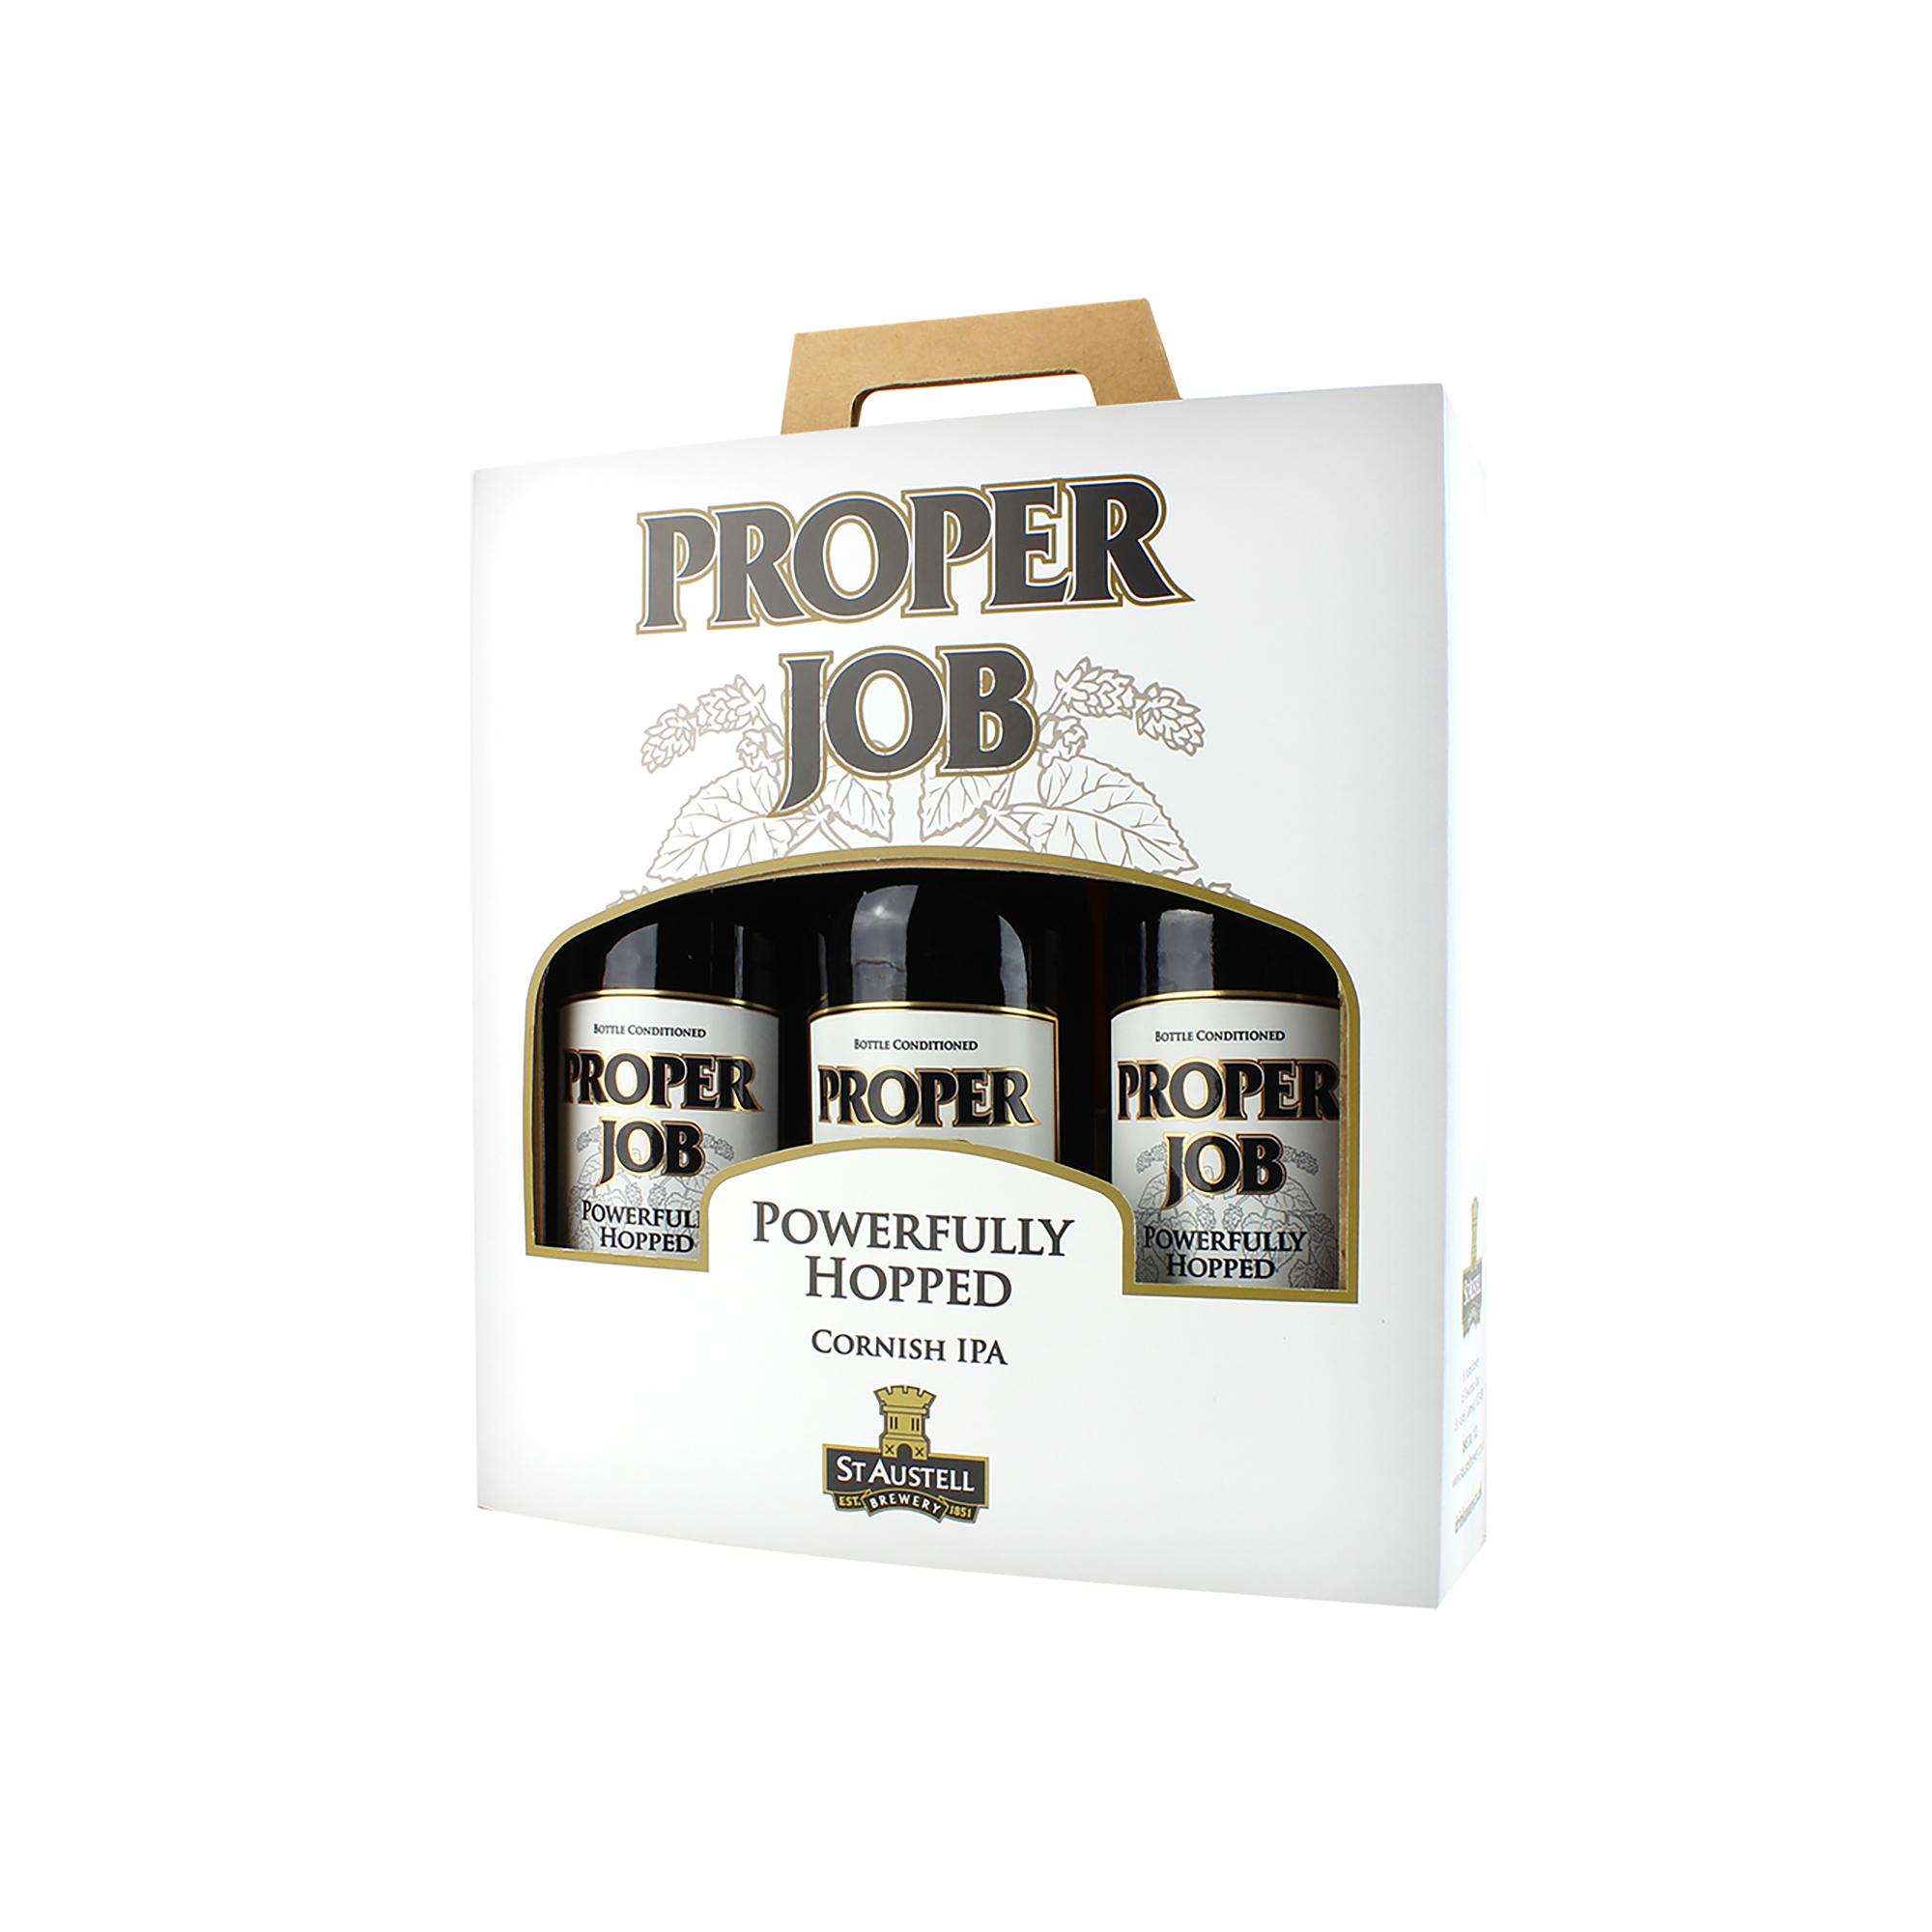 Proper Job Three Bottle Gift Pack